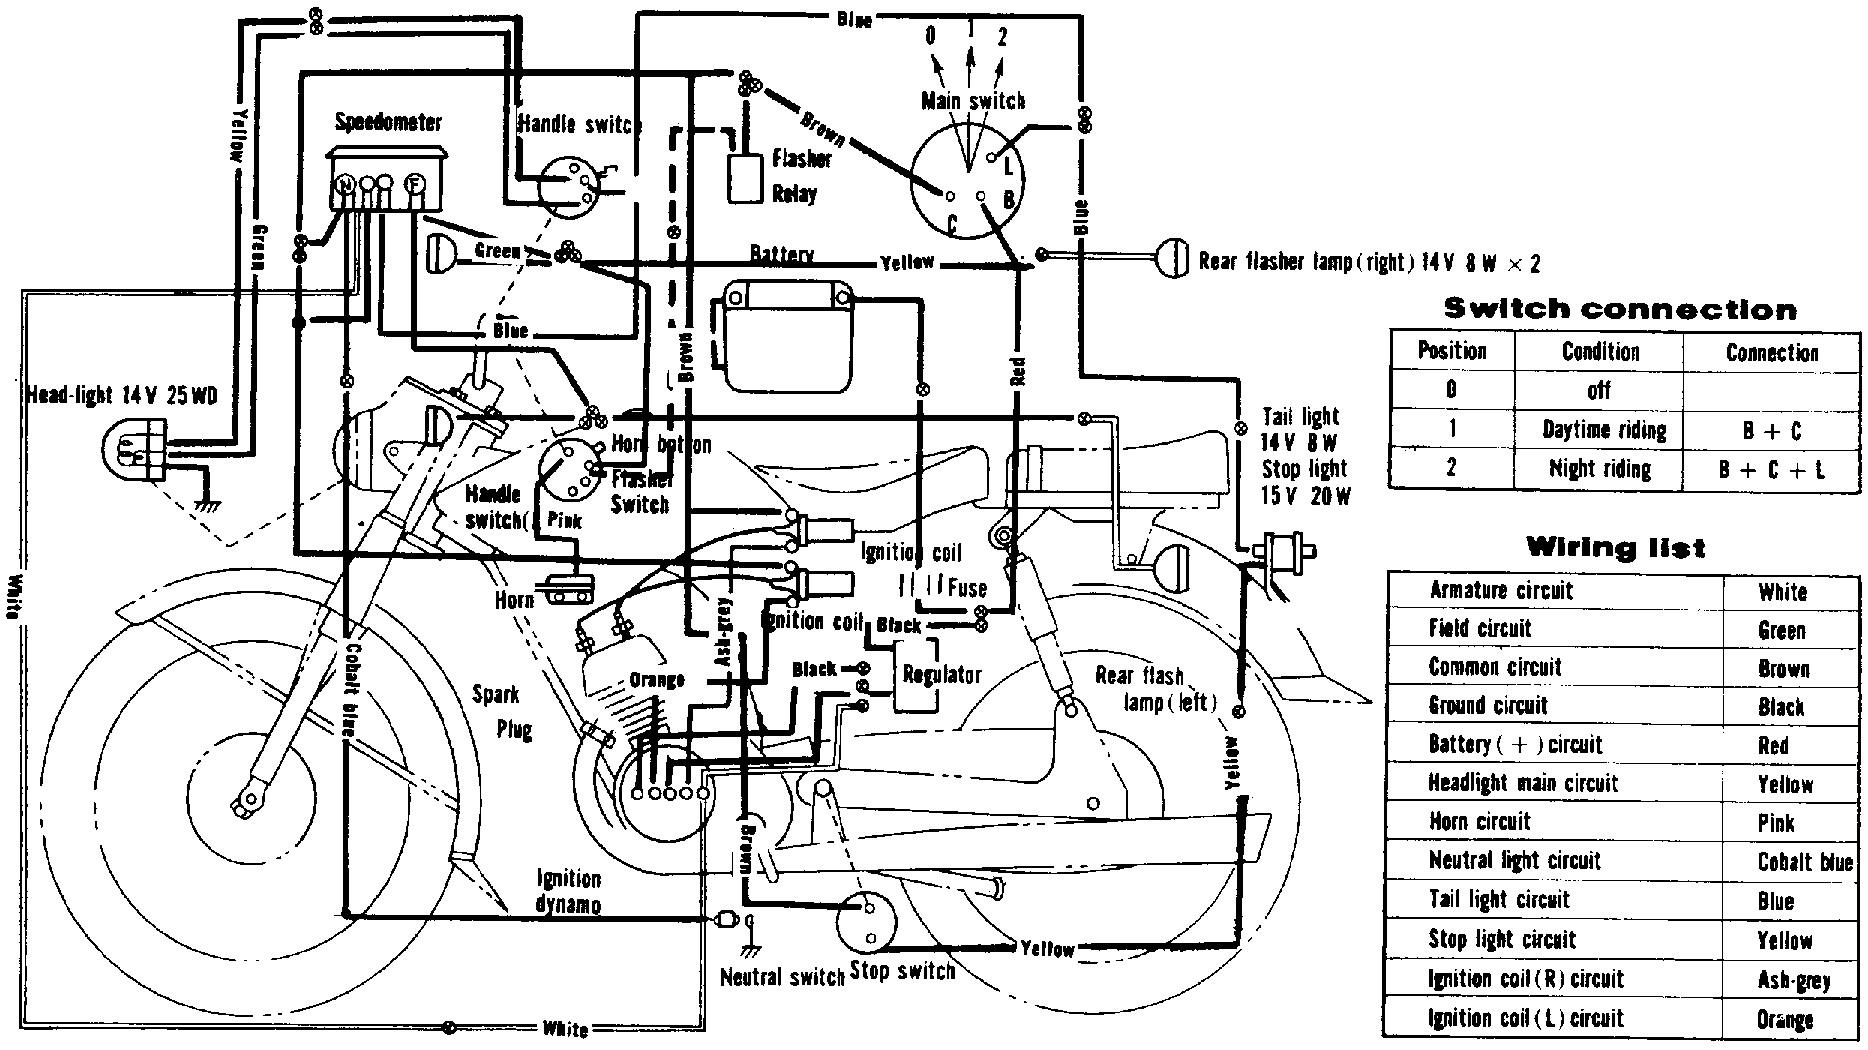 yamaha l2 wiring diagram wiring diagram portal yamaha rectifier regulator wiring diagram yamaha l2 wiring diagram [ 1868 x 1050 Pixel ]